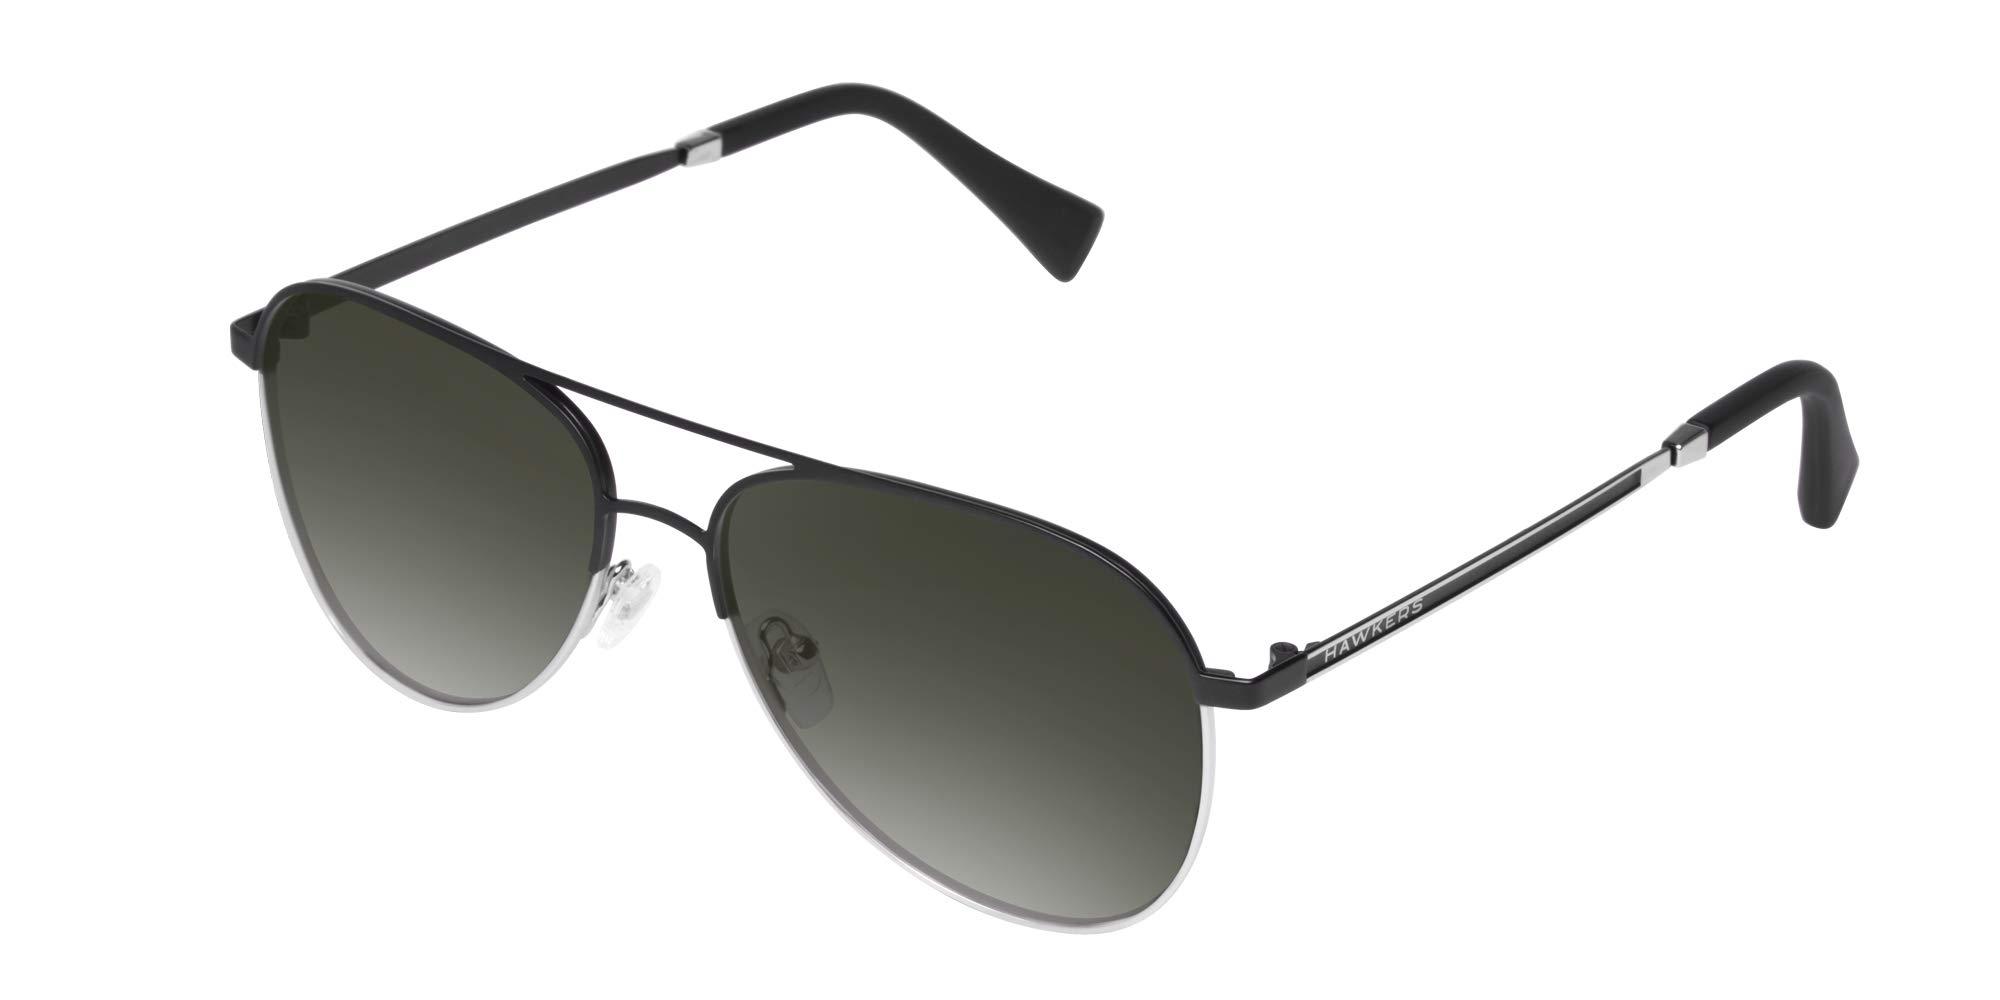 HAWKERS · LACMA · Gafas de sol para hombre y mujer